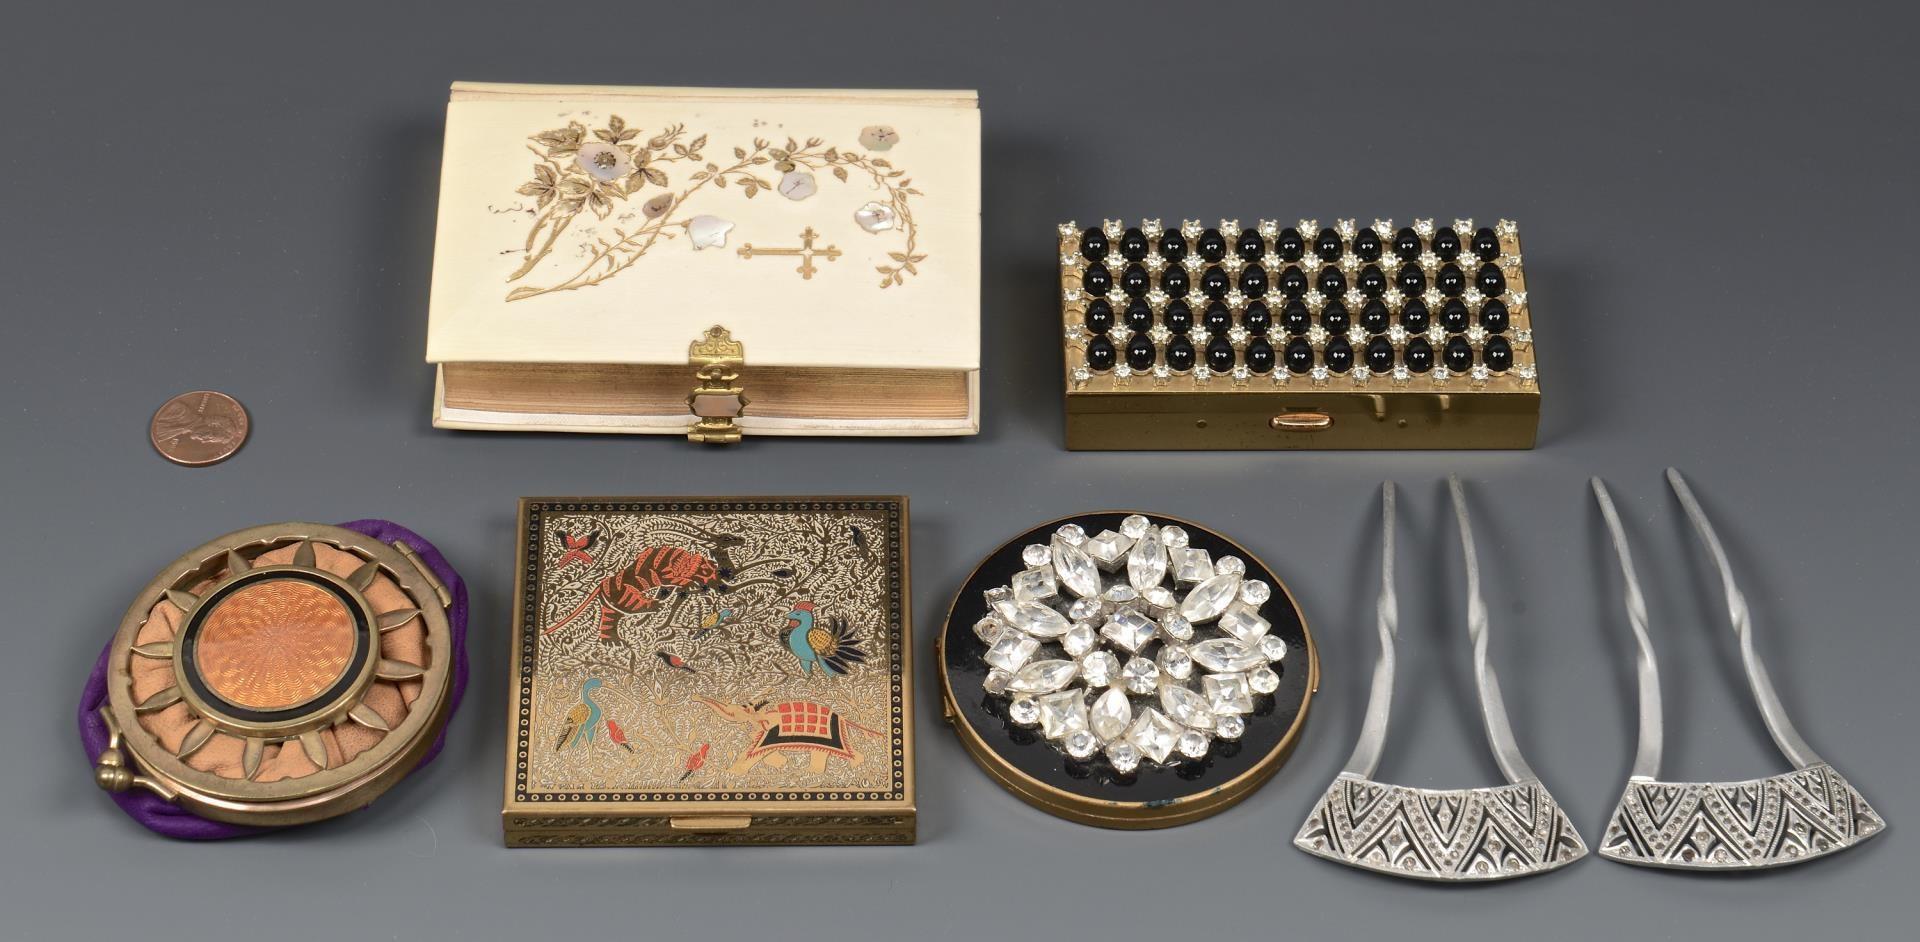 Lot 3594268: 7 Vintage Fashion Items